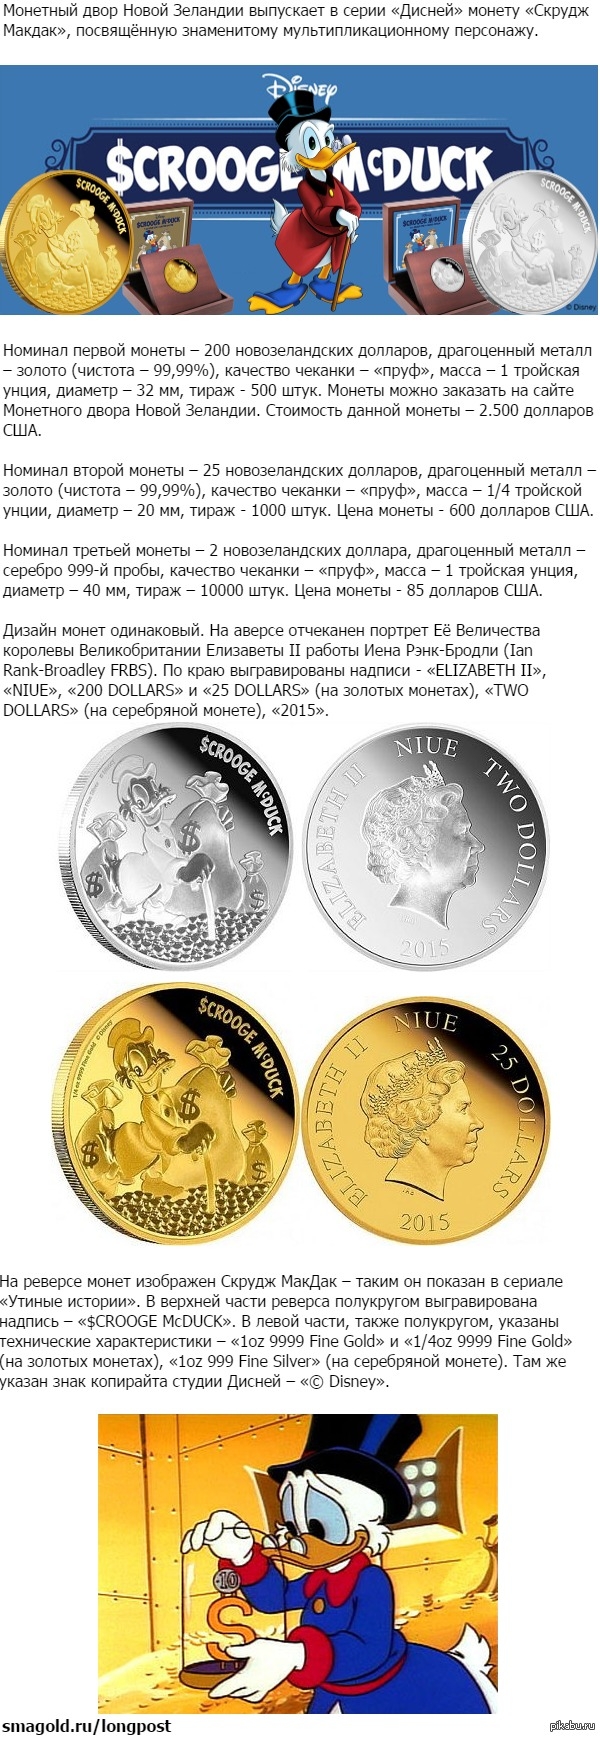 Монетный двор Новой Зеландии выпускает монету «Скрудж Макдак»